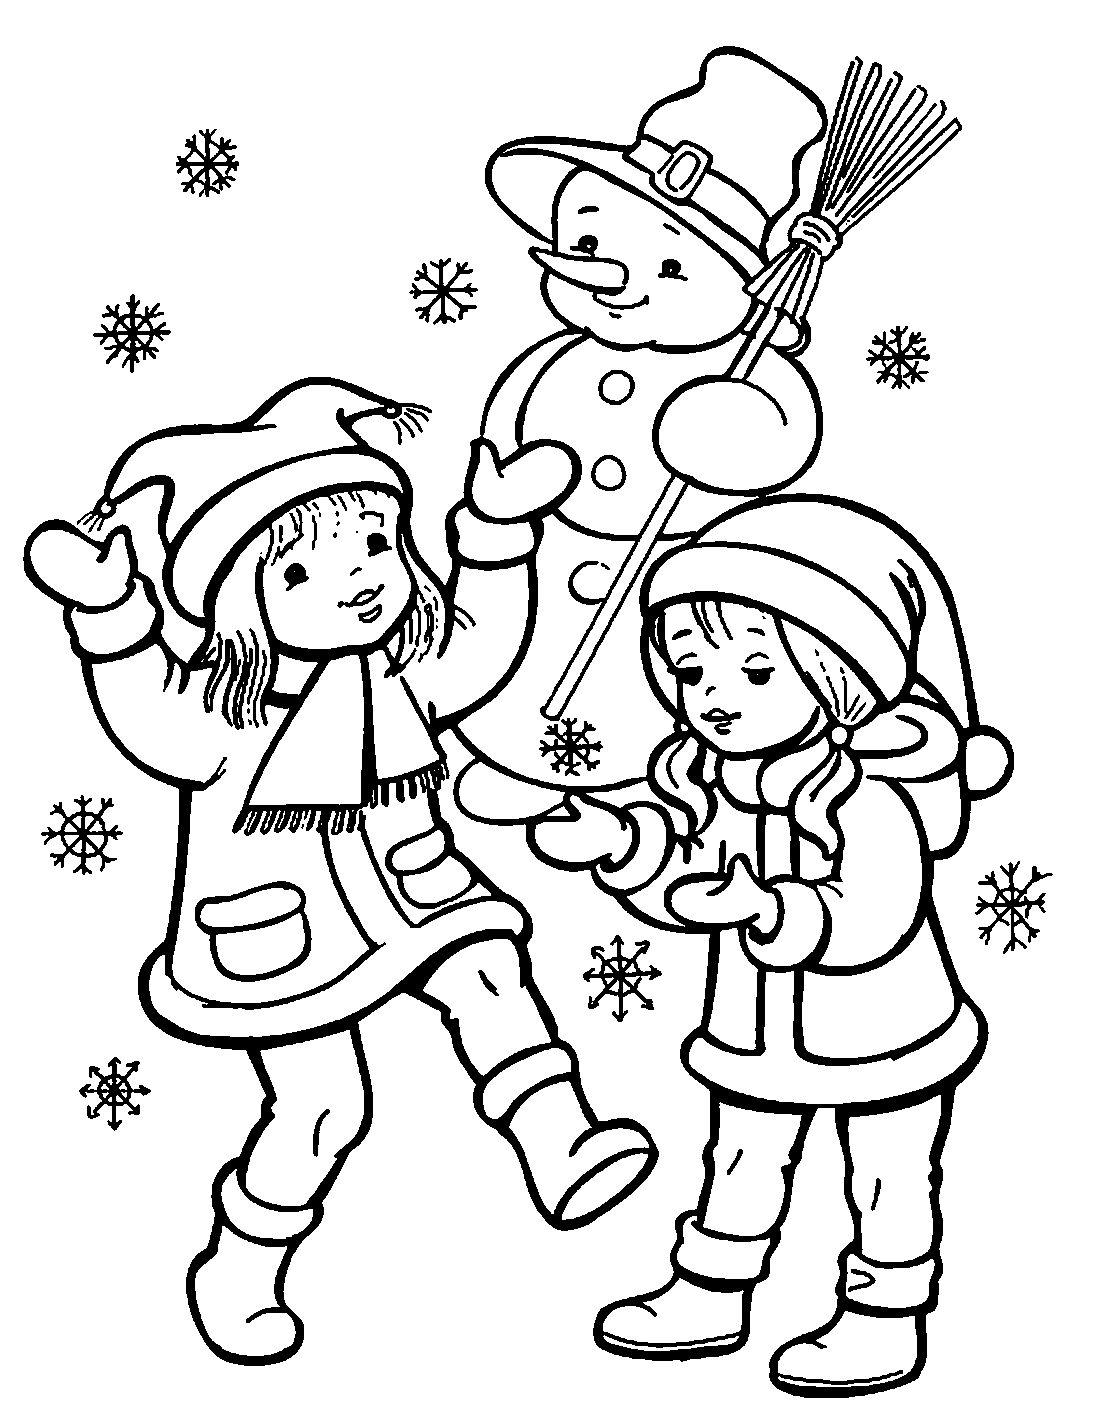 Раскраска Снеговик для детей, распечатать 40 красивых шаблонов новые фото